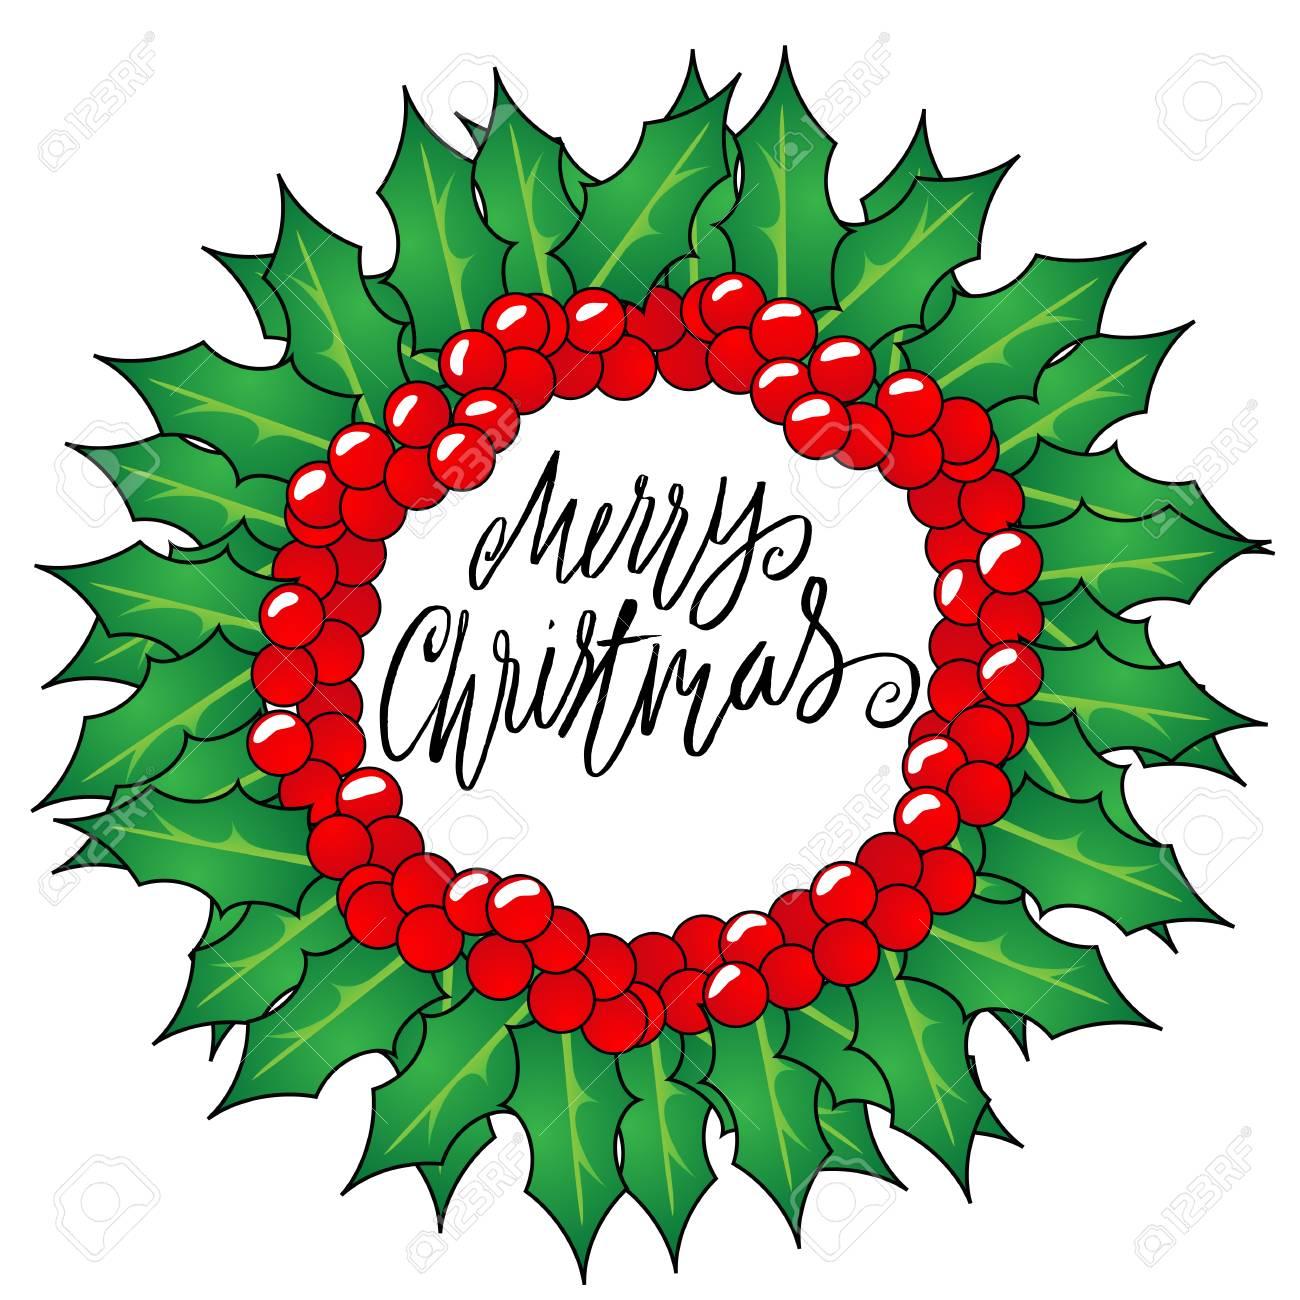 tarjeta de felicitacin con unas guirnaldas de navidad y feliz navidad del mensaje letras de - Guirnaldas De Navidad